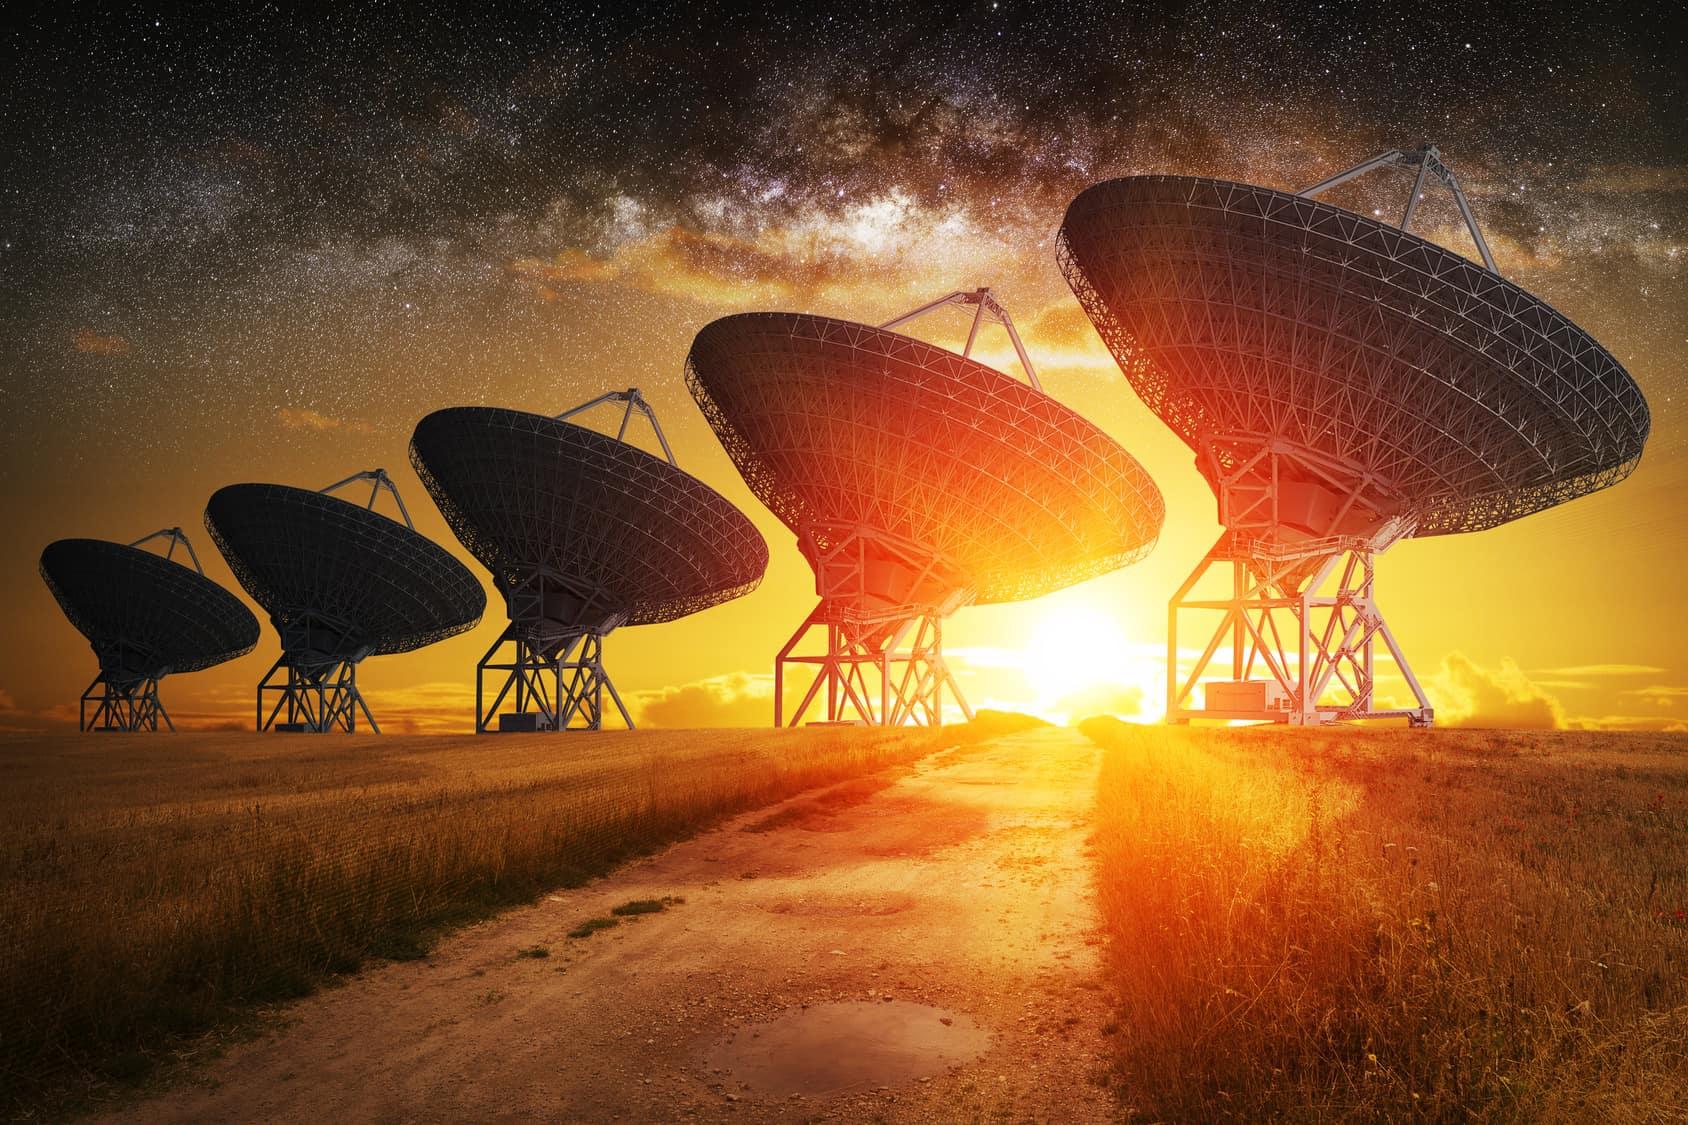 Si bien el país atestigua el despliegue de ambiciosos proyectos en materia de conectividad